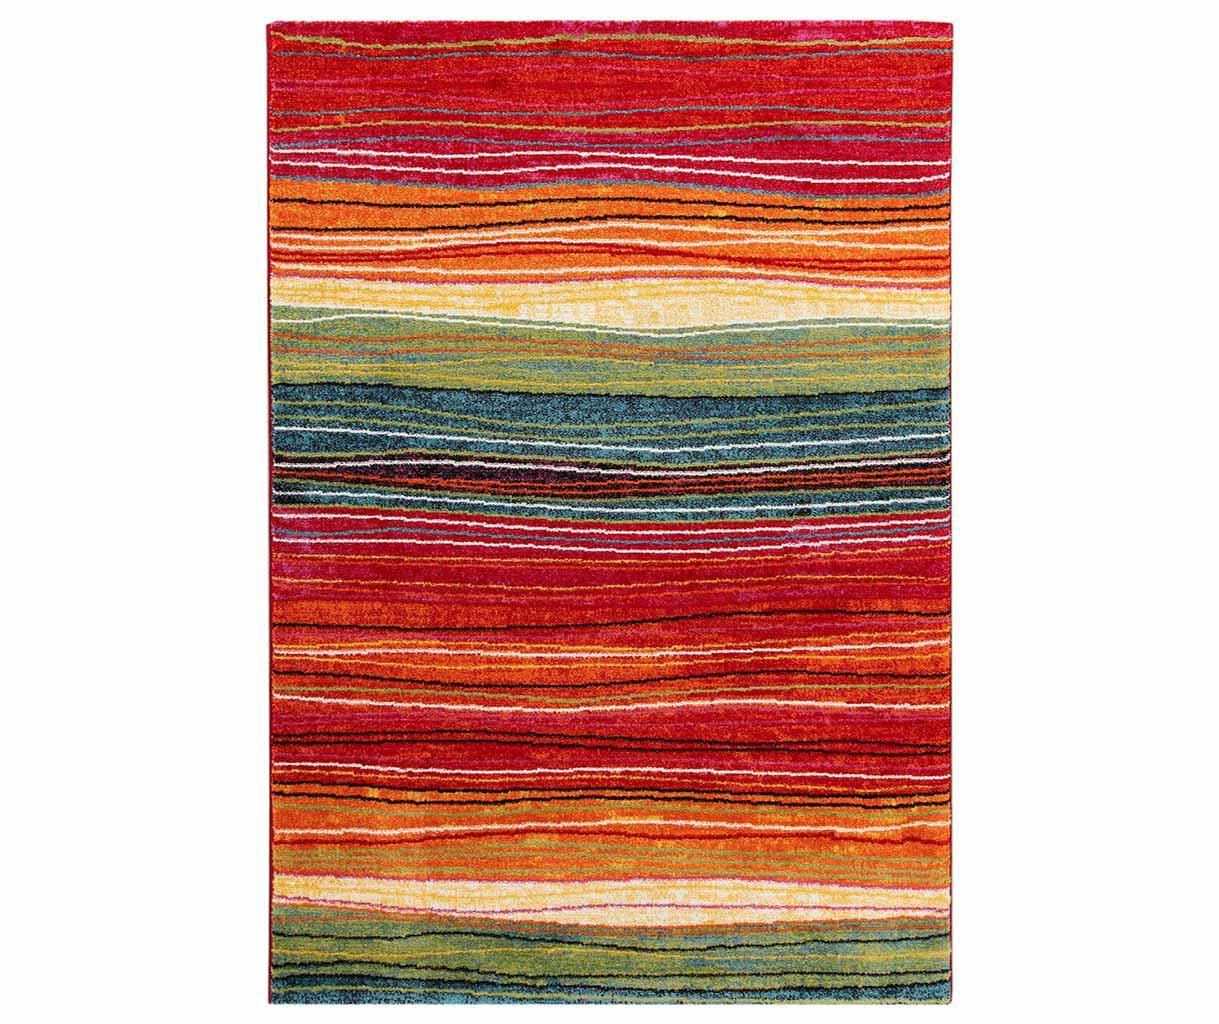 Covor Gioia Cane 80x150 cm - Viva, Multicolor